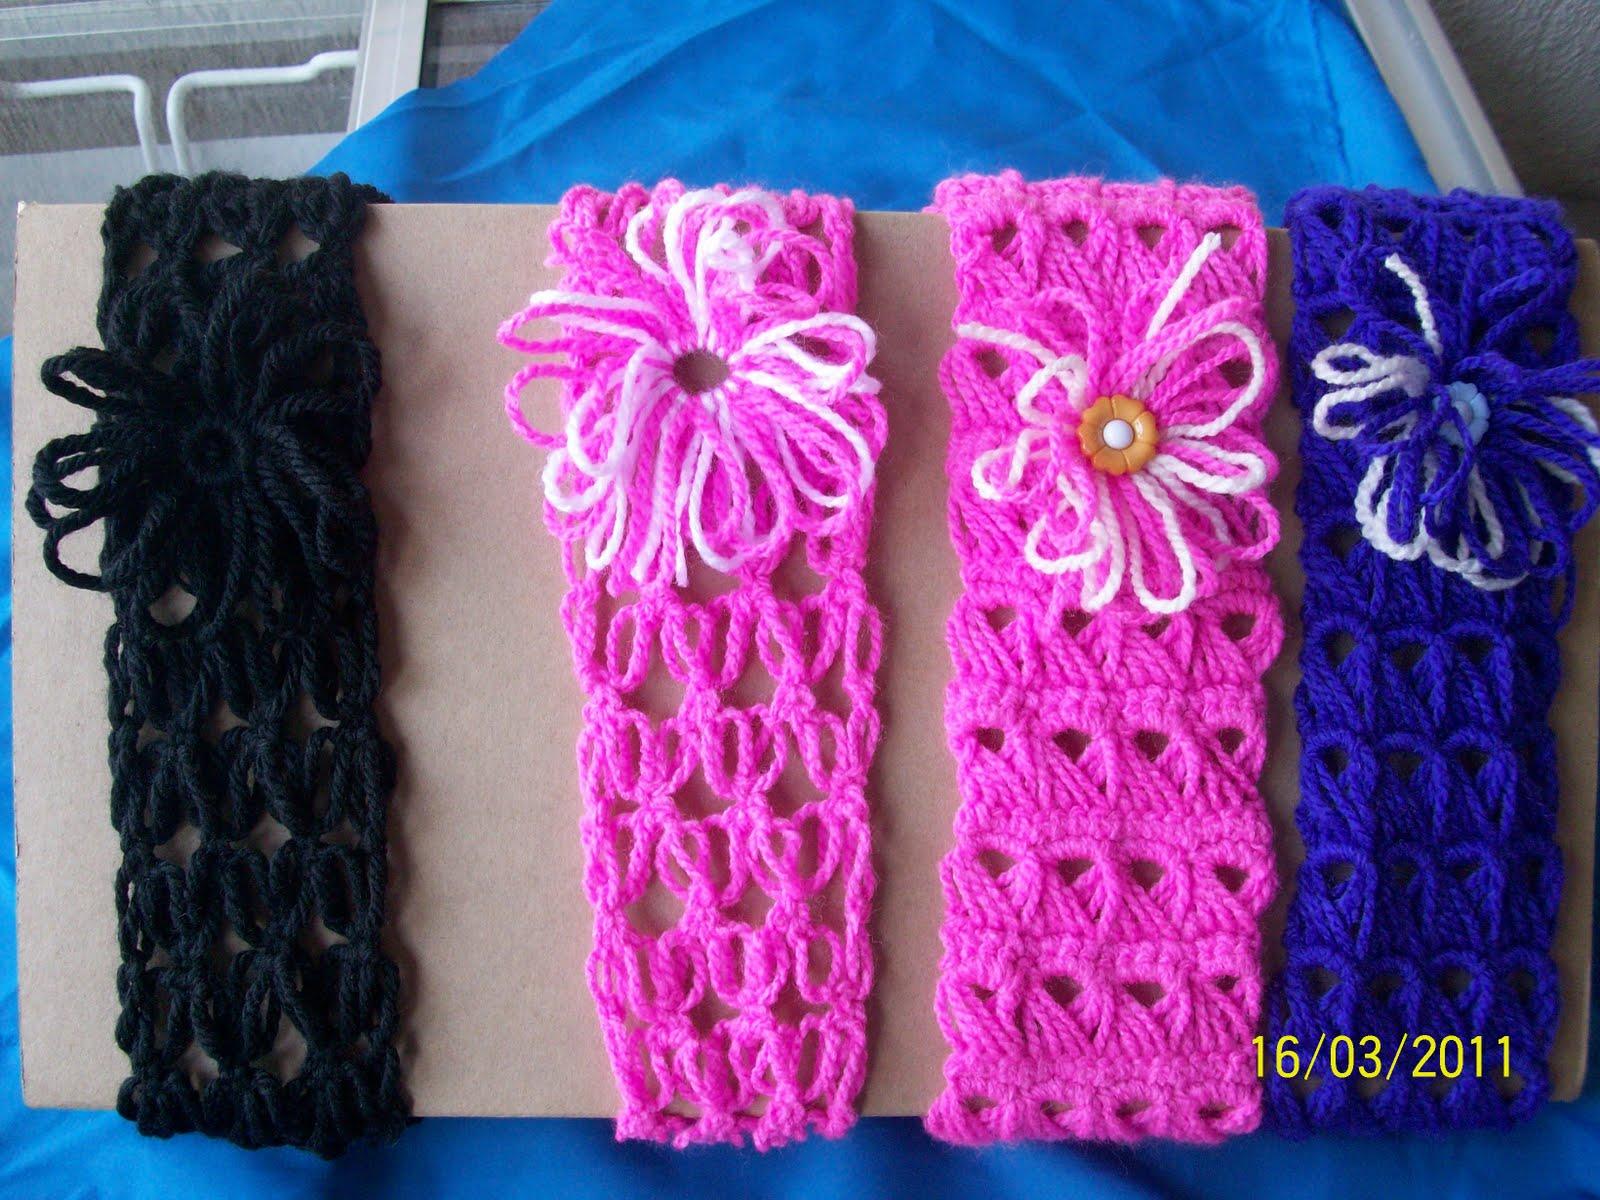 Diademas Tejidas A Crochet Tejiendo Hilando Y Anudando - Como-se-hacen-diademas